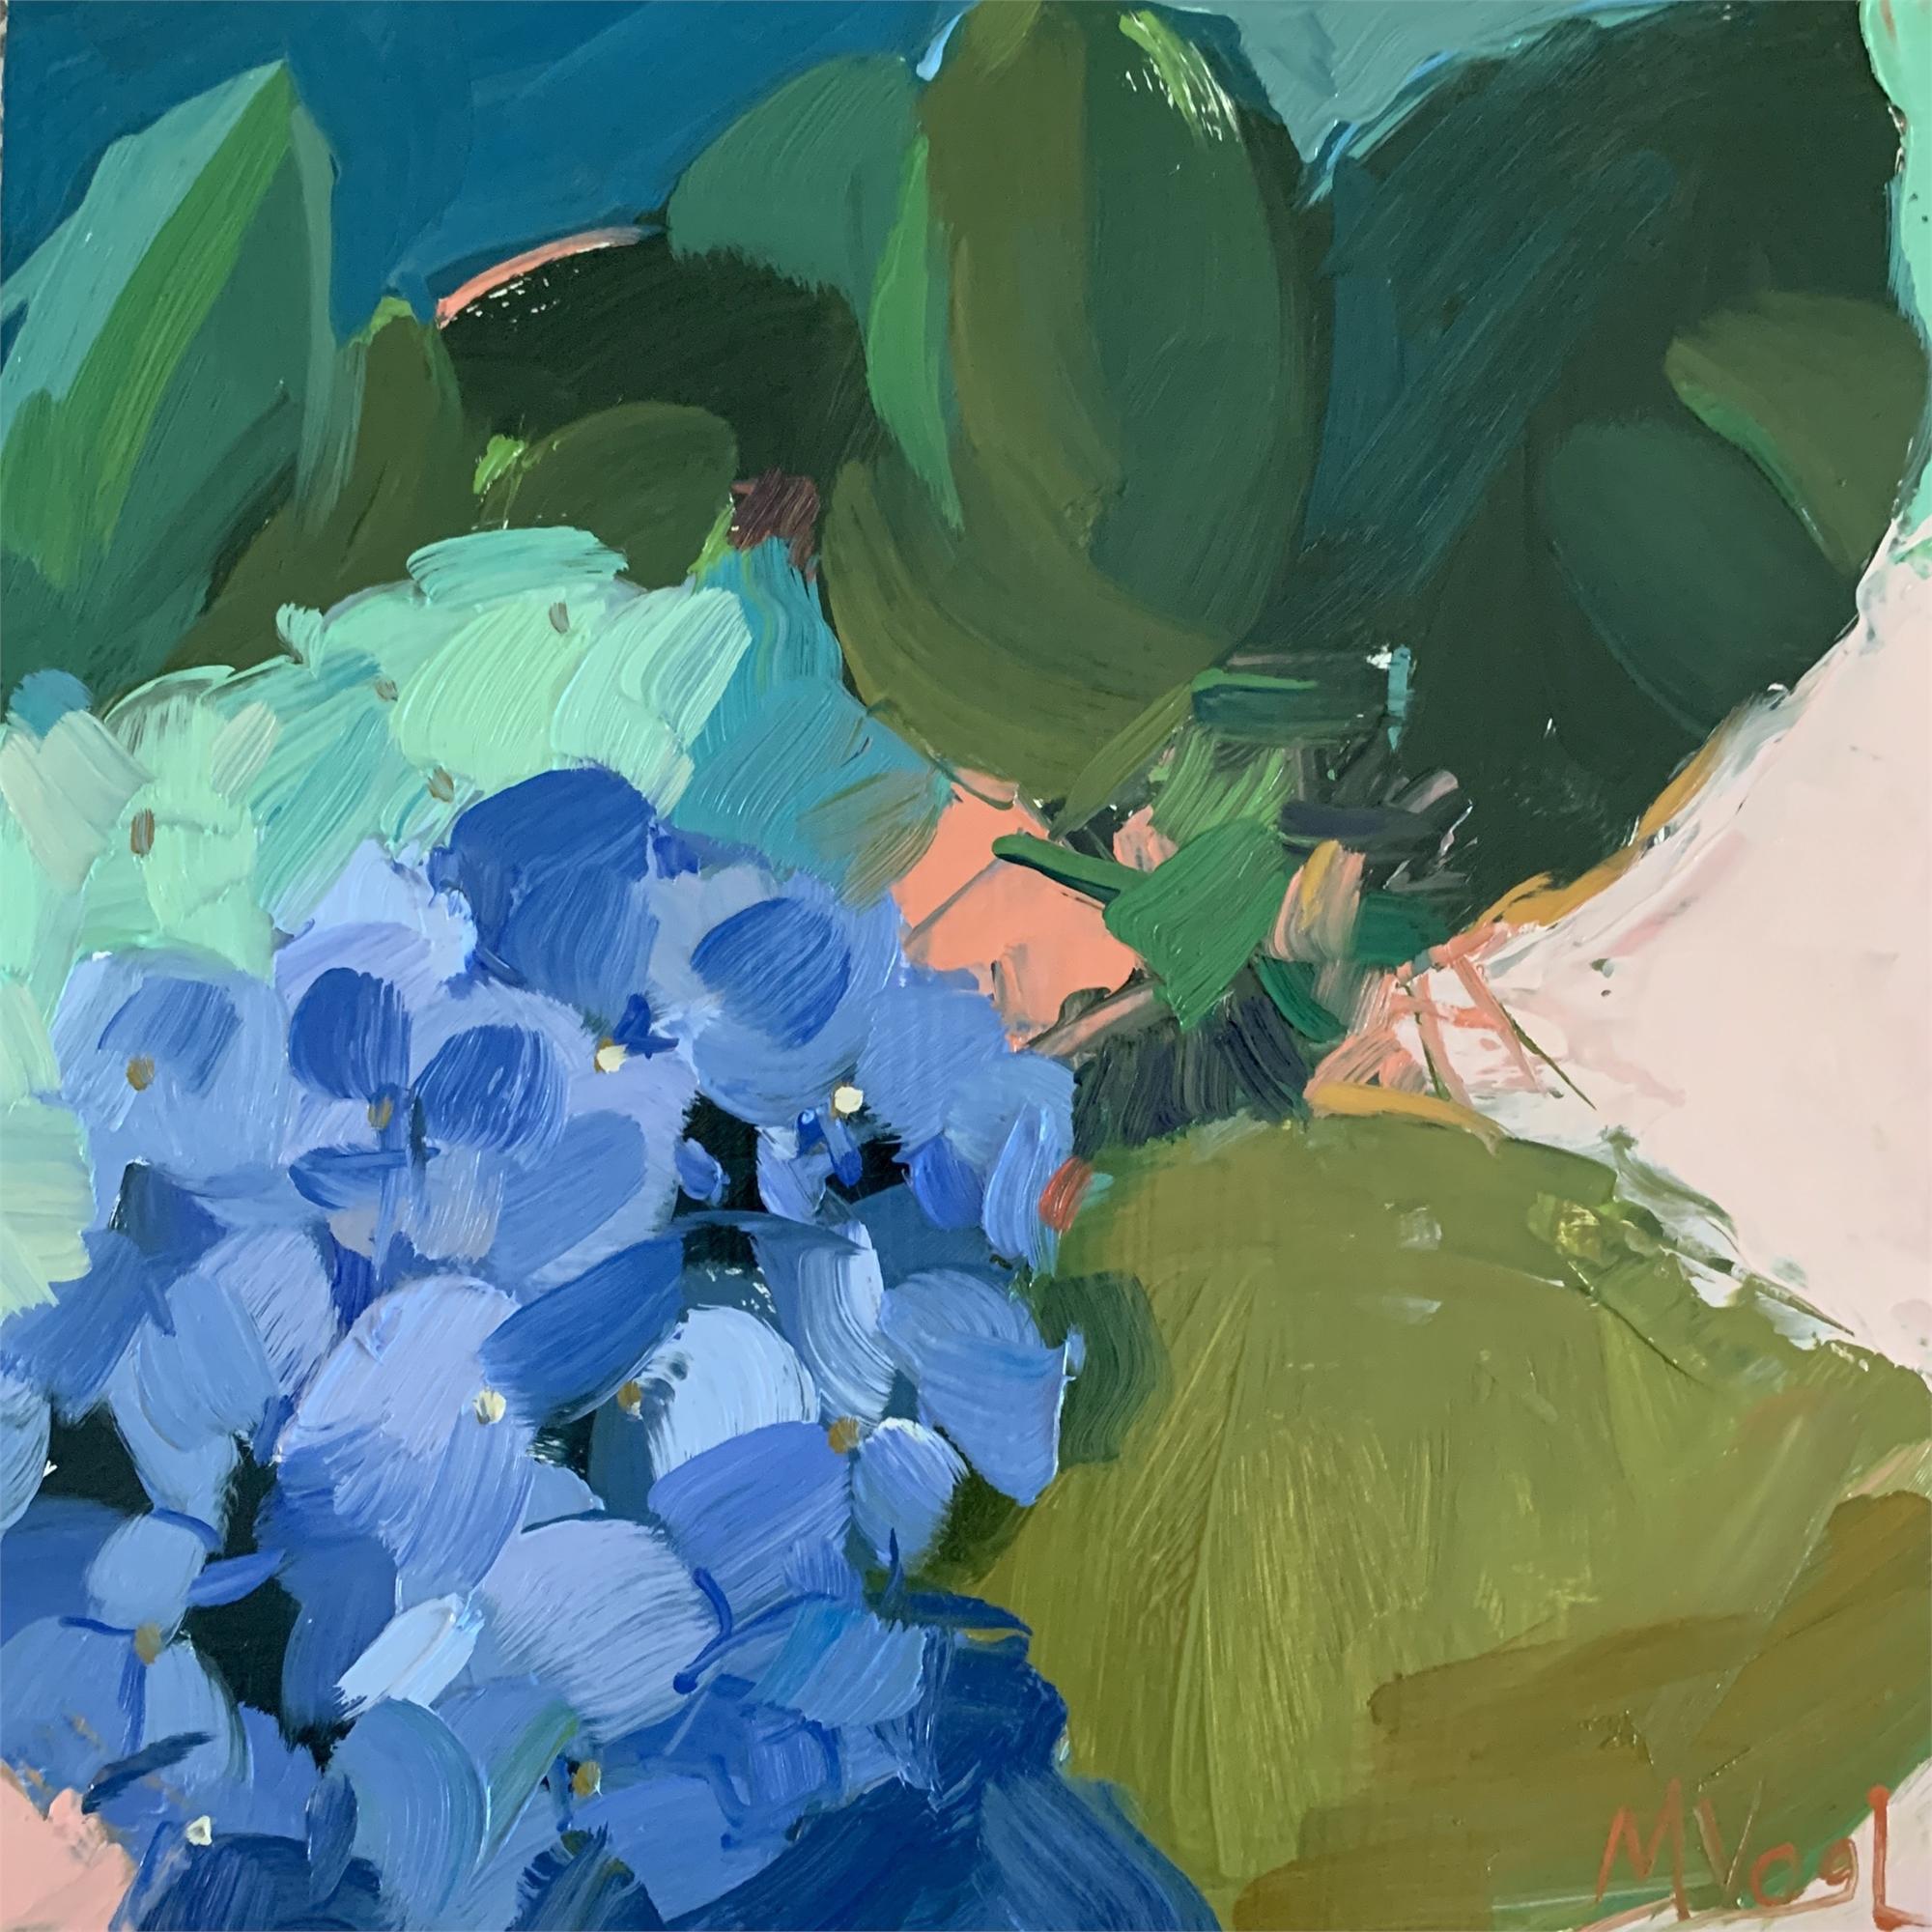 Hydrangea IV by Marissa Vogl